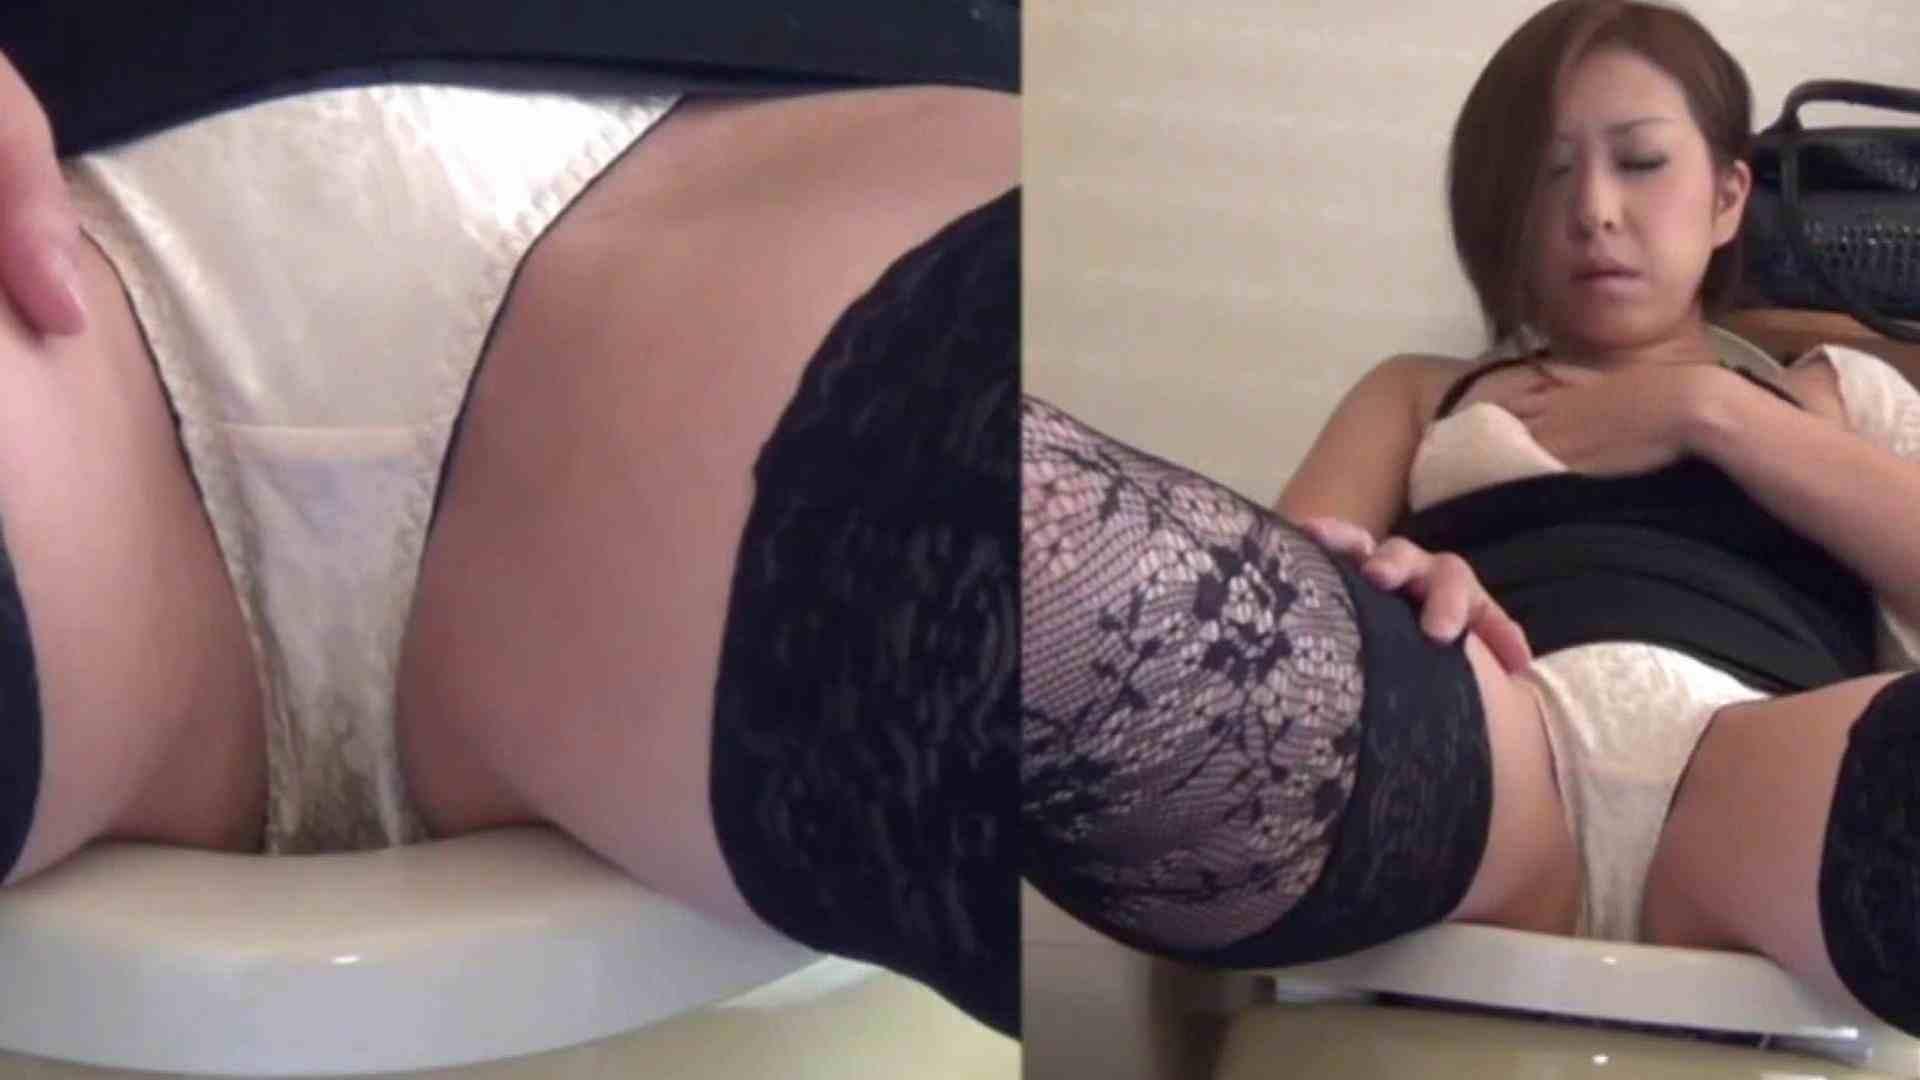 変態オナニー劇場 Vol.38 オナニーし放題 | ギャルライフ  20pic 2